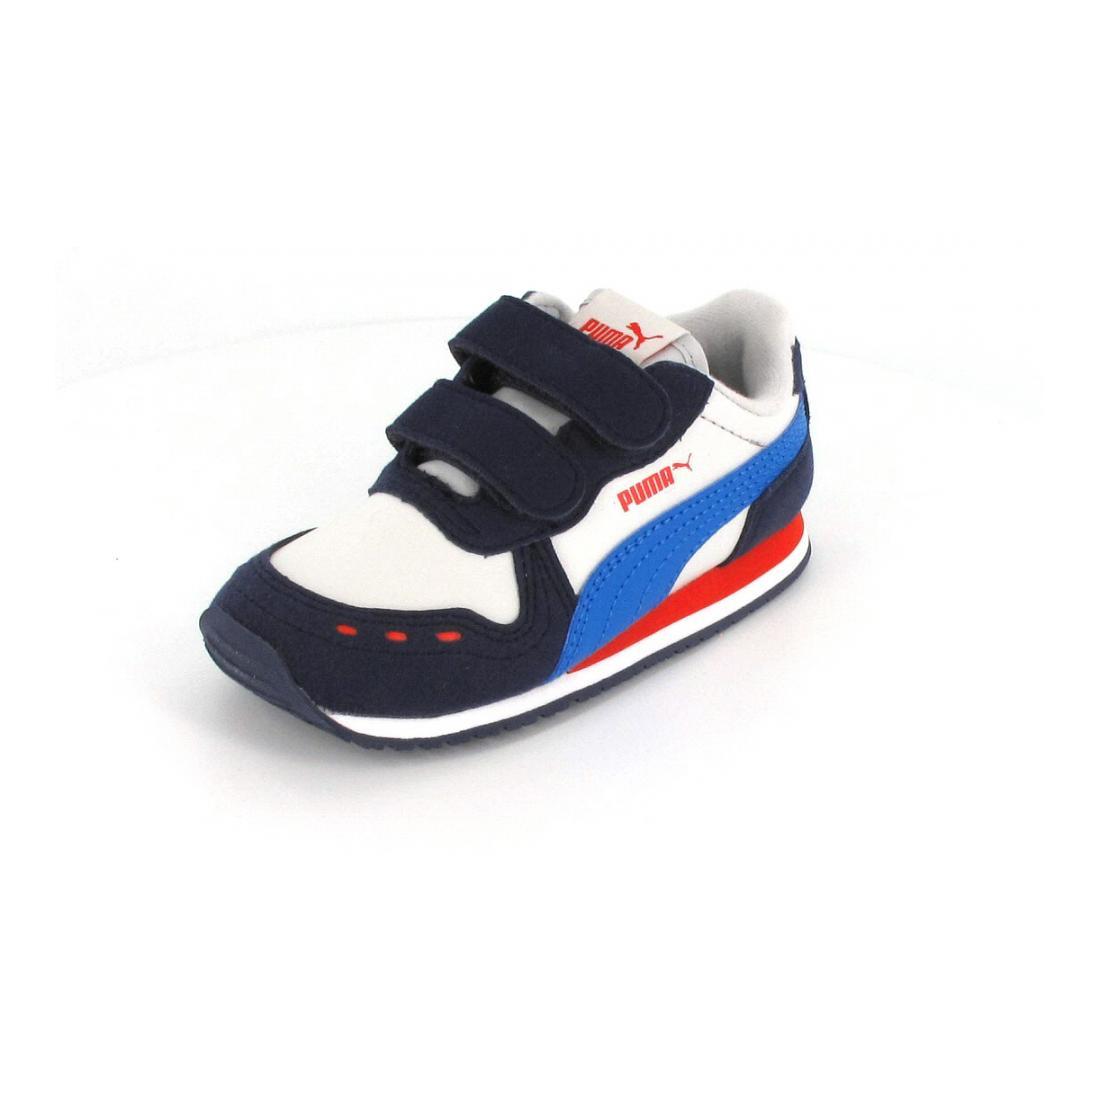 Puma Sneaker Cabana Racer SL V Inf